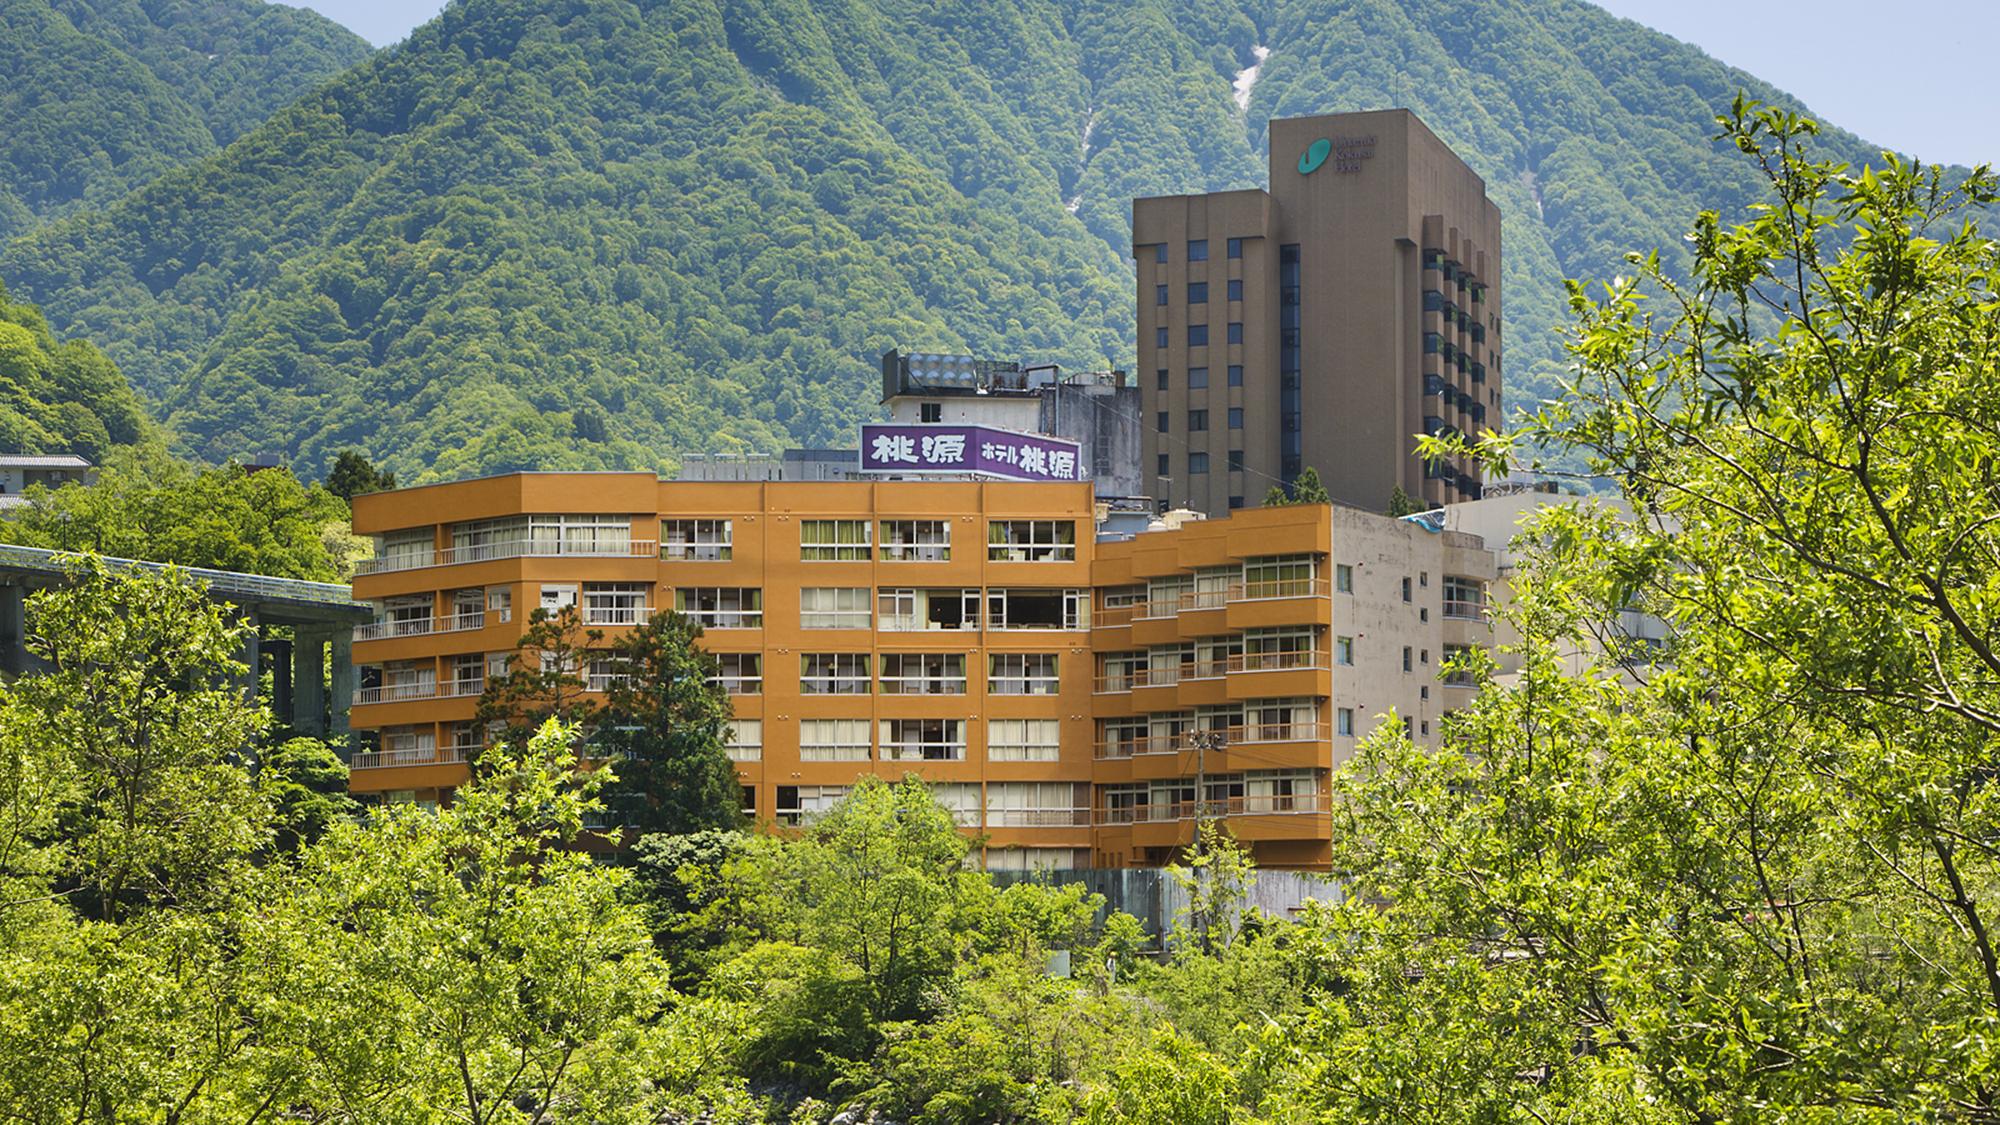 地元食材を使った宇奈月温泉の旅館で露天風呂があるところを教えてください。